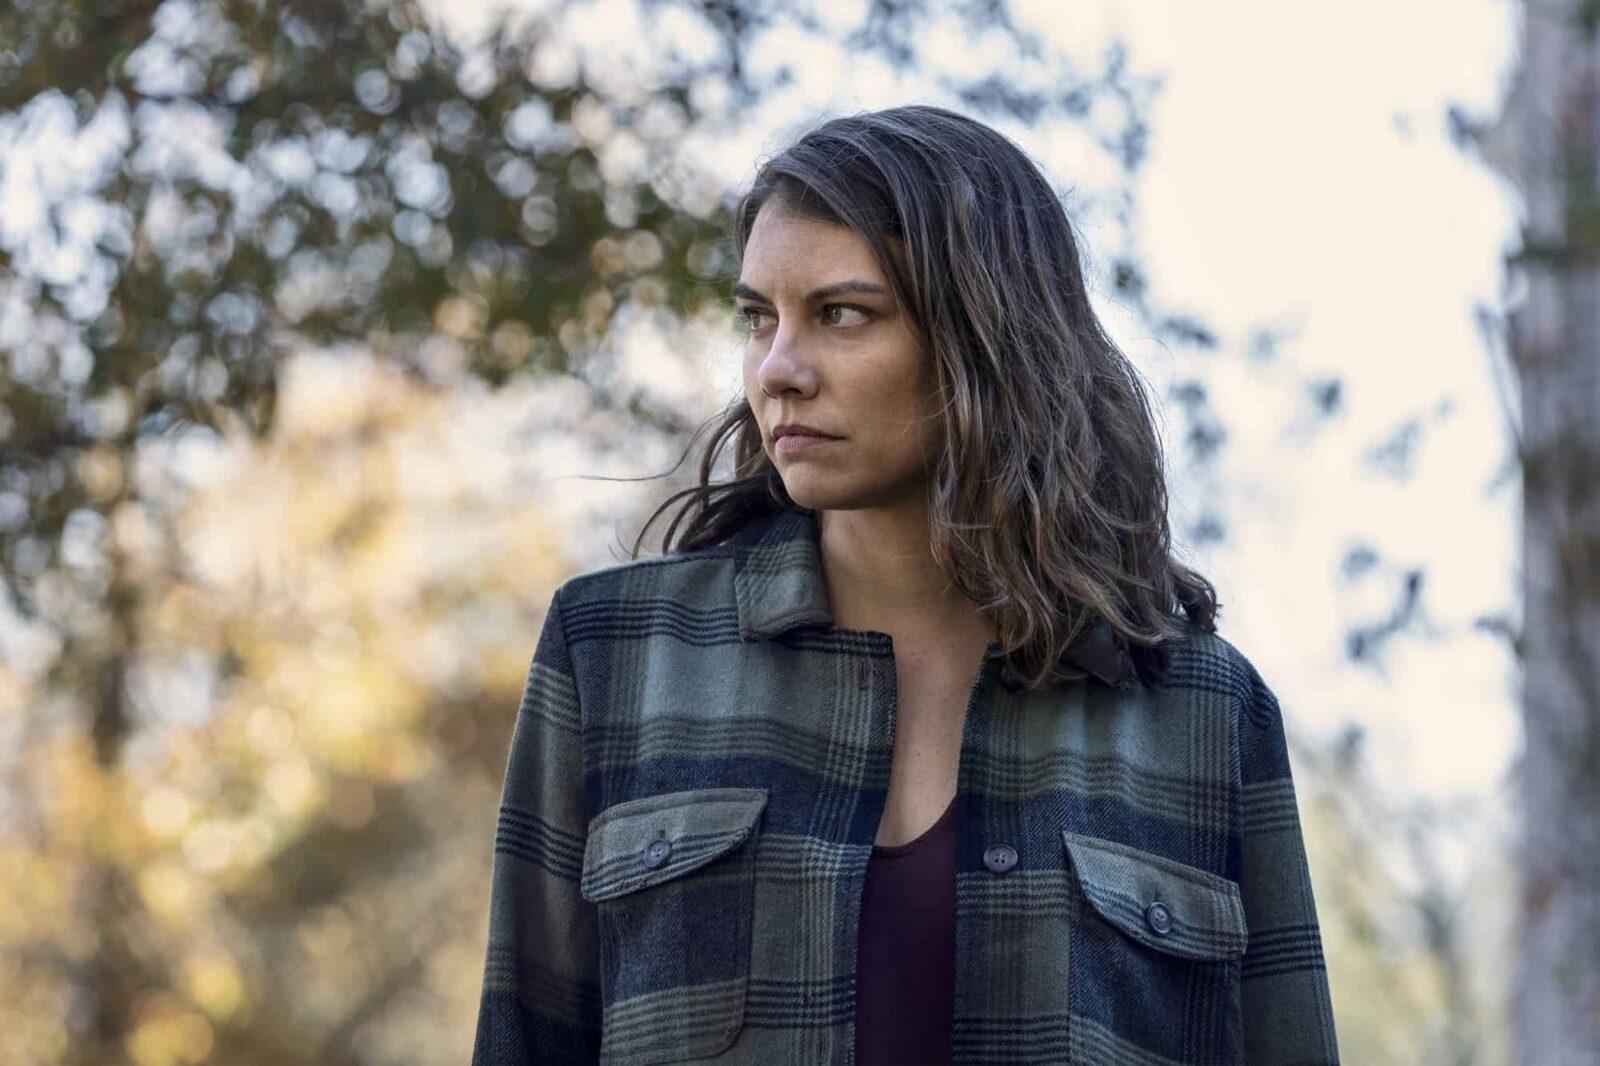 Lauren Cohan como Maggie Rhee en The Walking Dead 10x22 Here's Negan